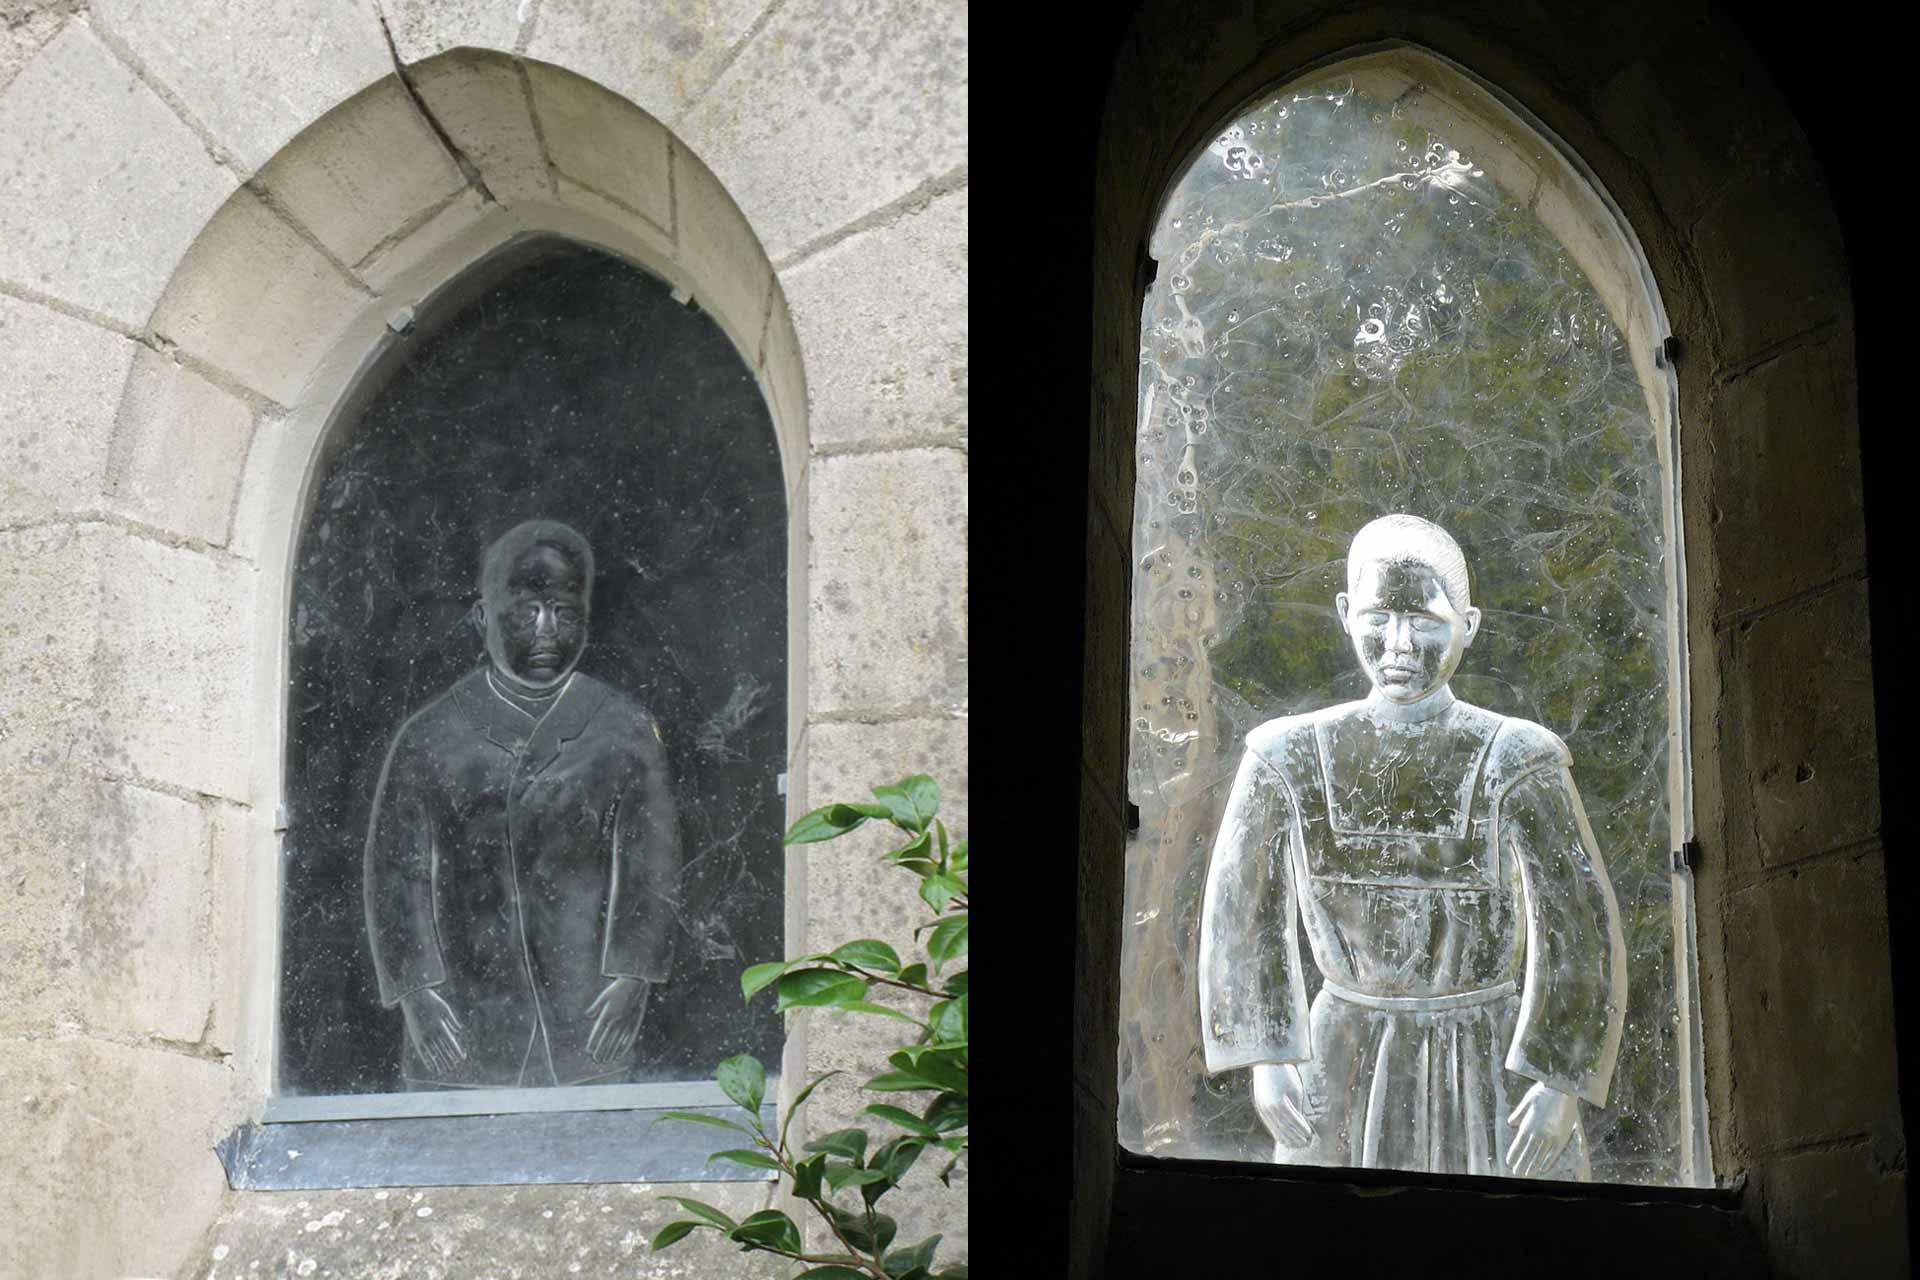 Réalisation de vitraux pour l'Abbatiale de Saint-Gildas-des-Bois par le Maître Verrier Olivier Juteau